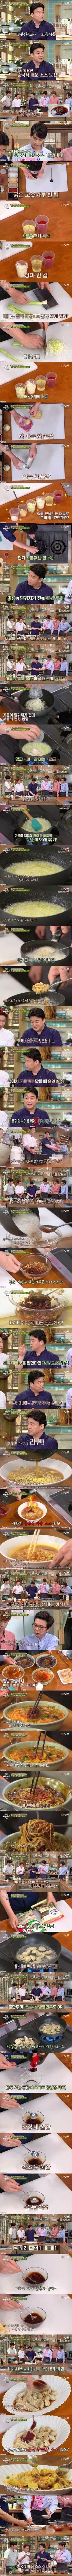 백종원의 맛있는 소스 만들기 - 엽기유머